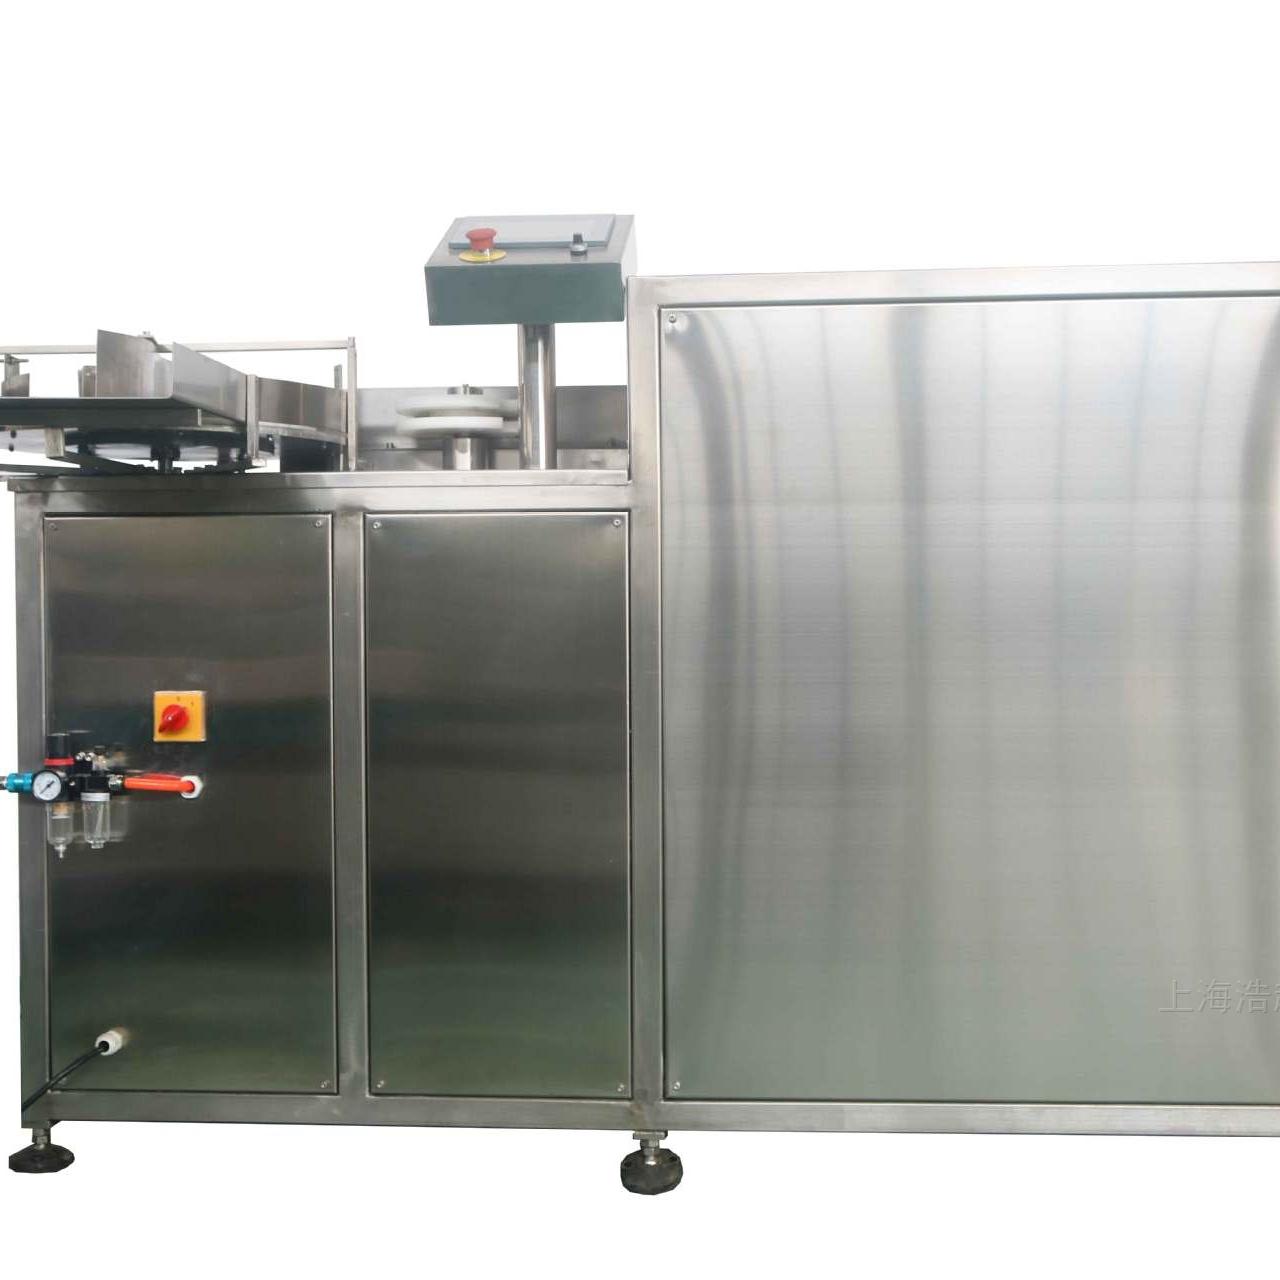 超声波装置自动洗瓶机